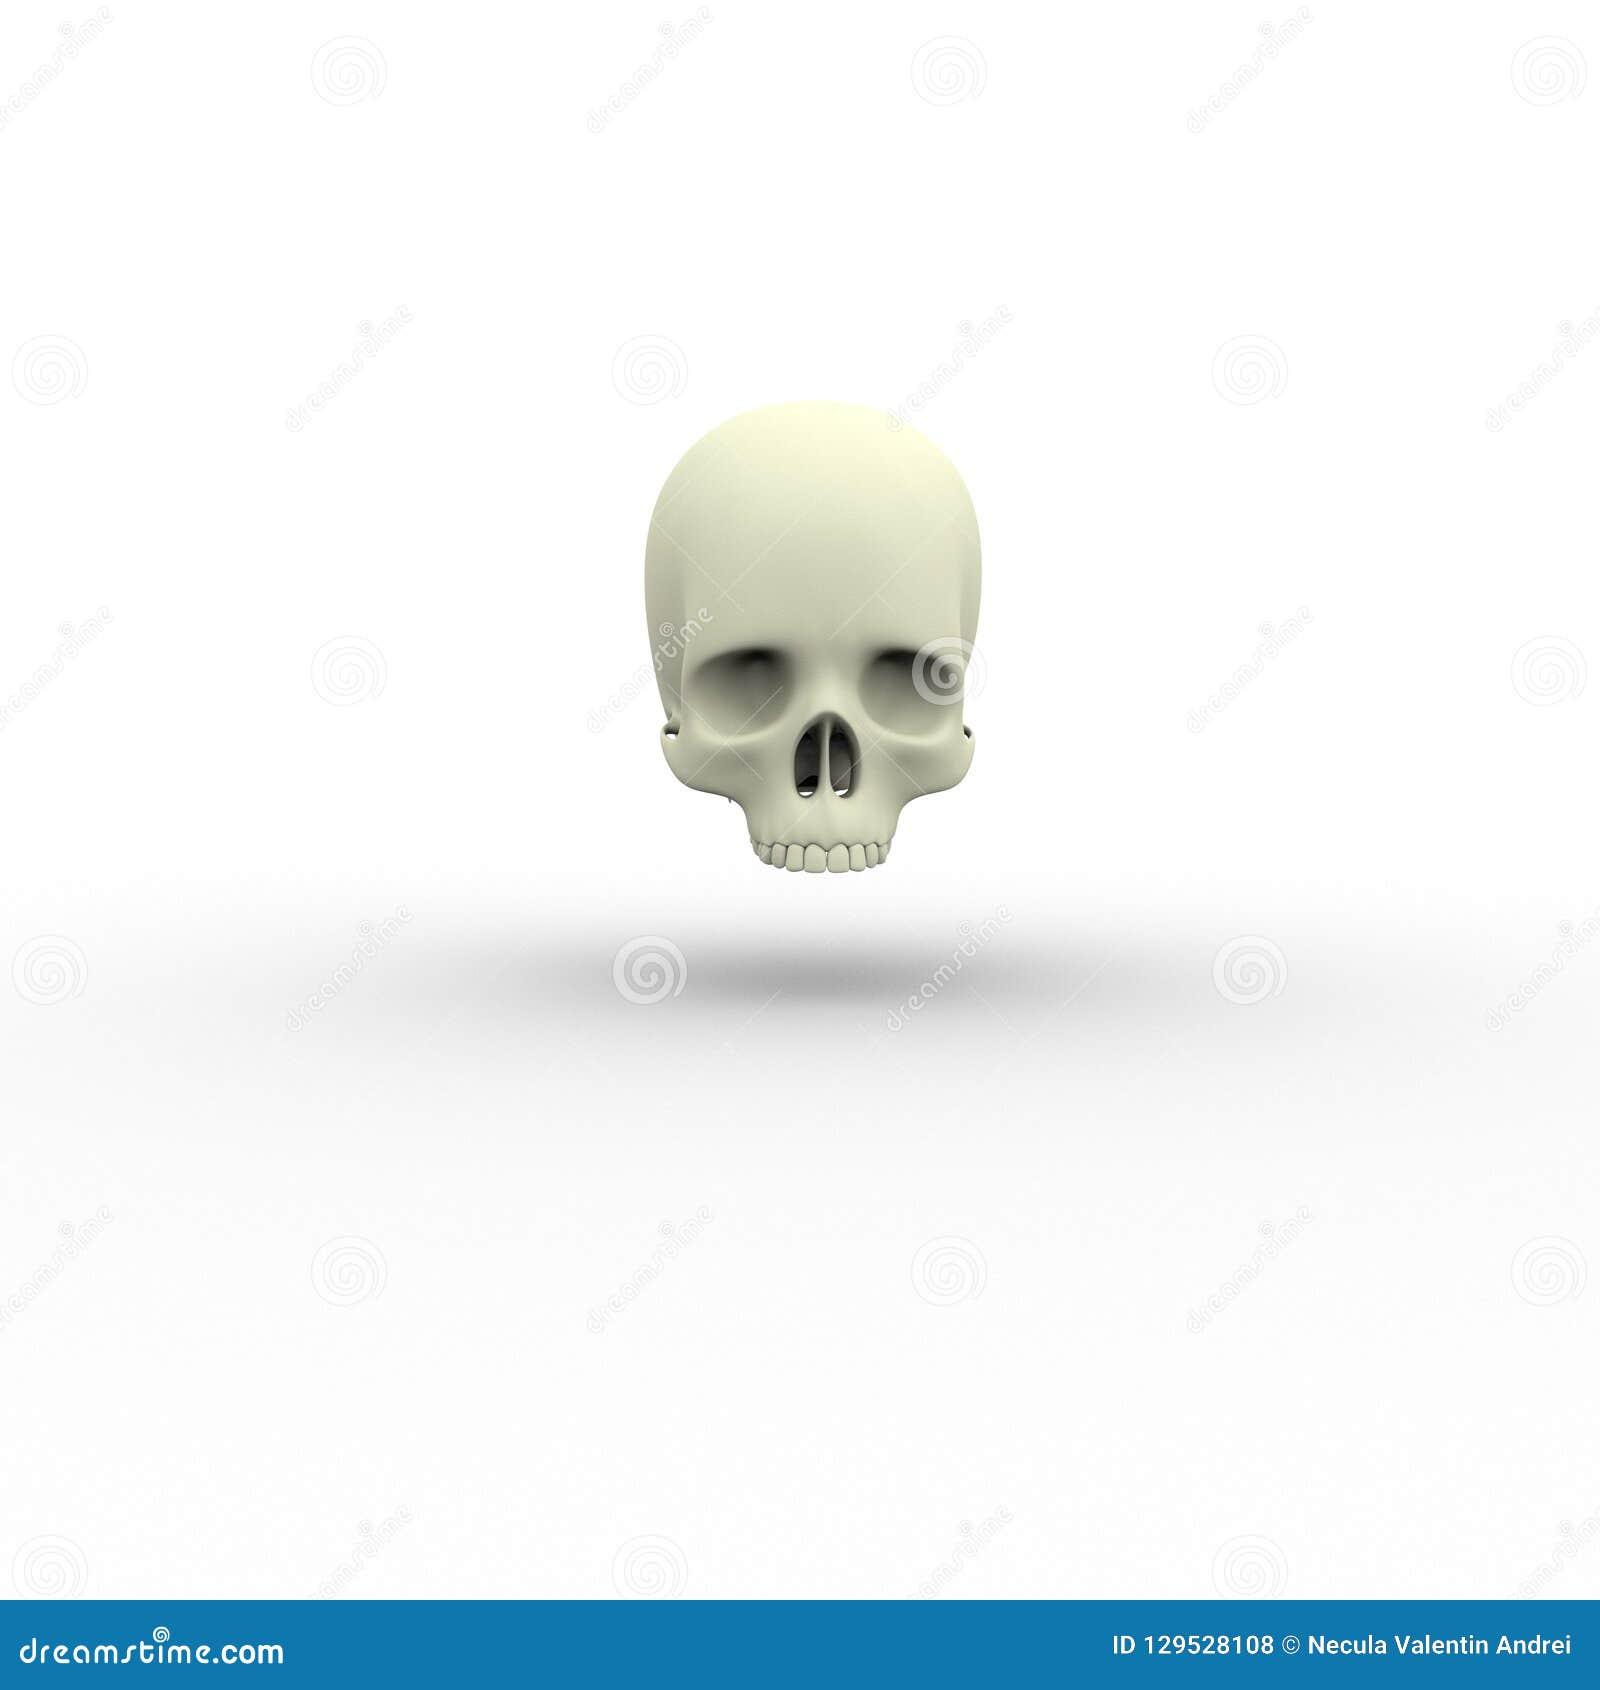 3d illustratie van menselijk lichaams skeletachtige schedel